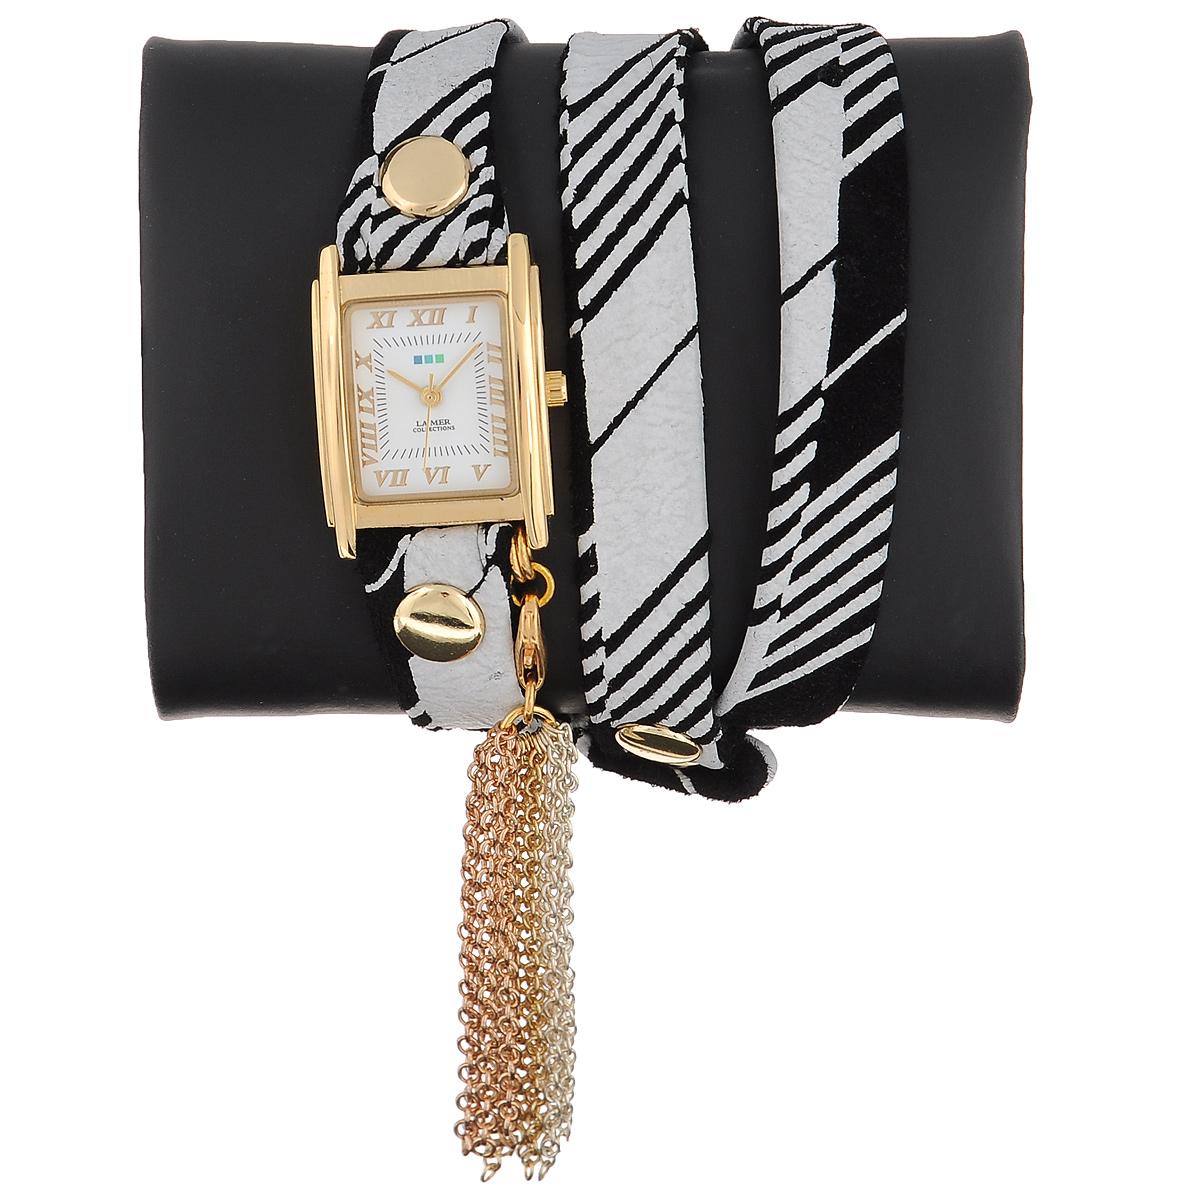 """Часы наручные женские La Mer Collections """"Charm Tassle Black: White Retro Stripe Print"""". LMTASSLE001D ( LMTASSLE001D )"""